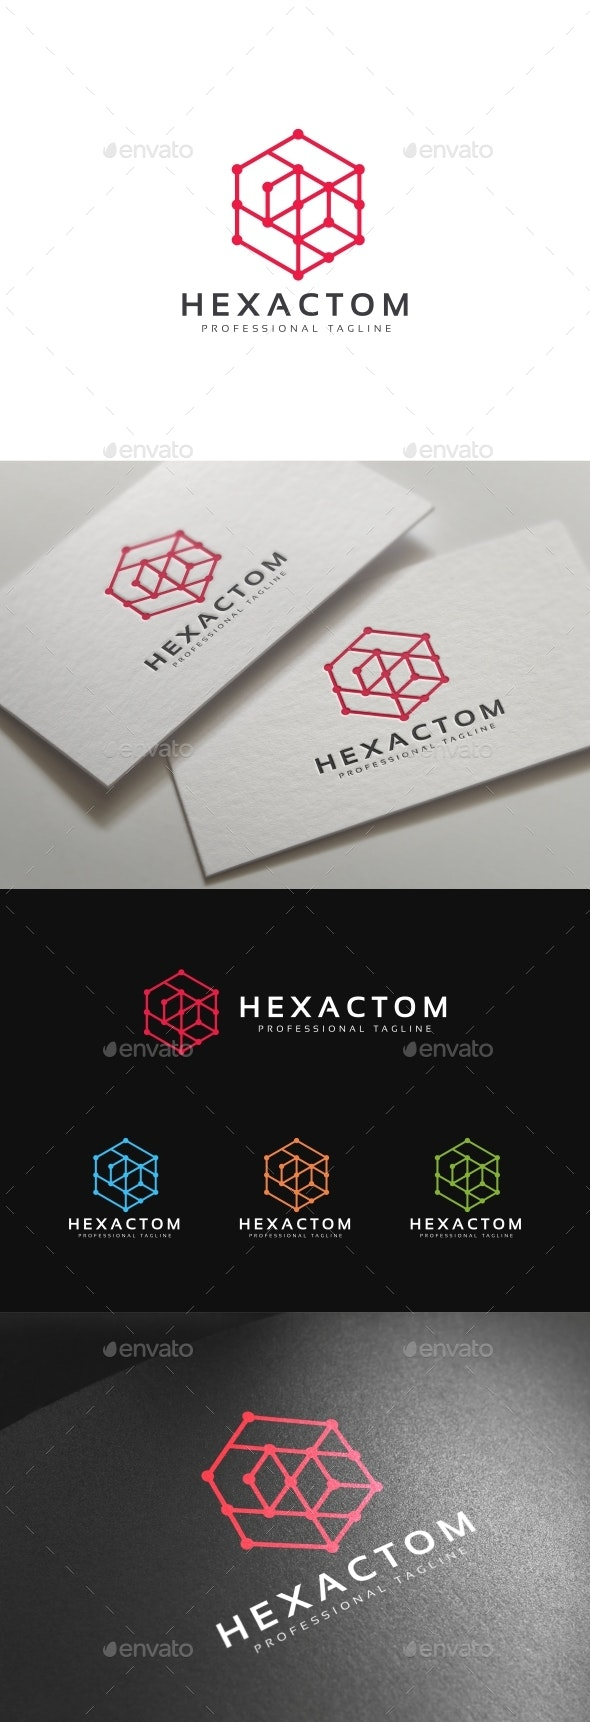 Hexagon Connect Logo - Abstract Logo Templates